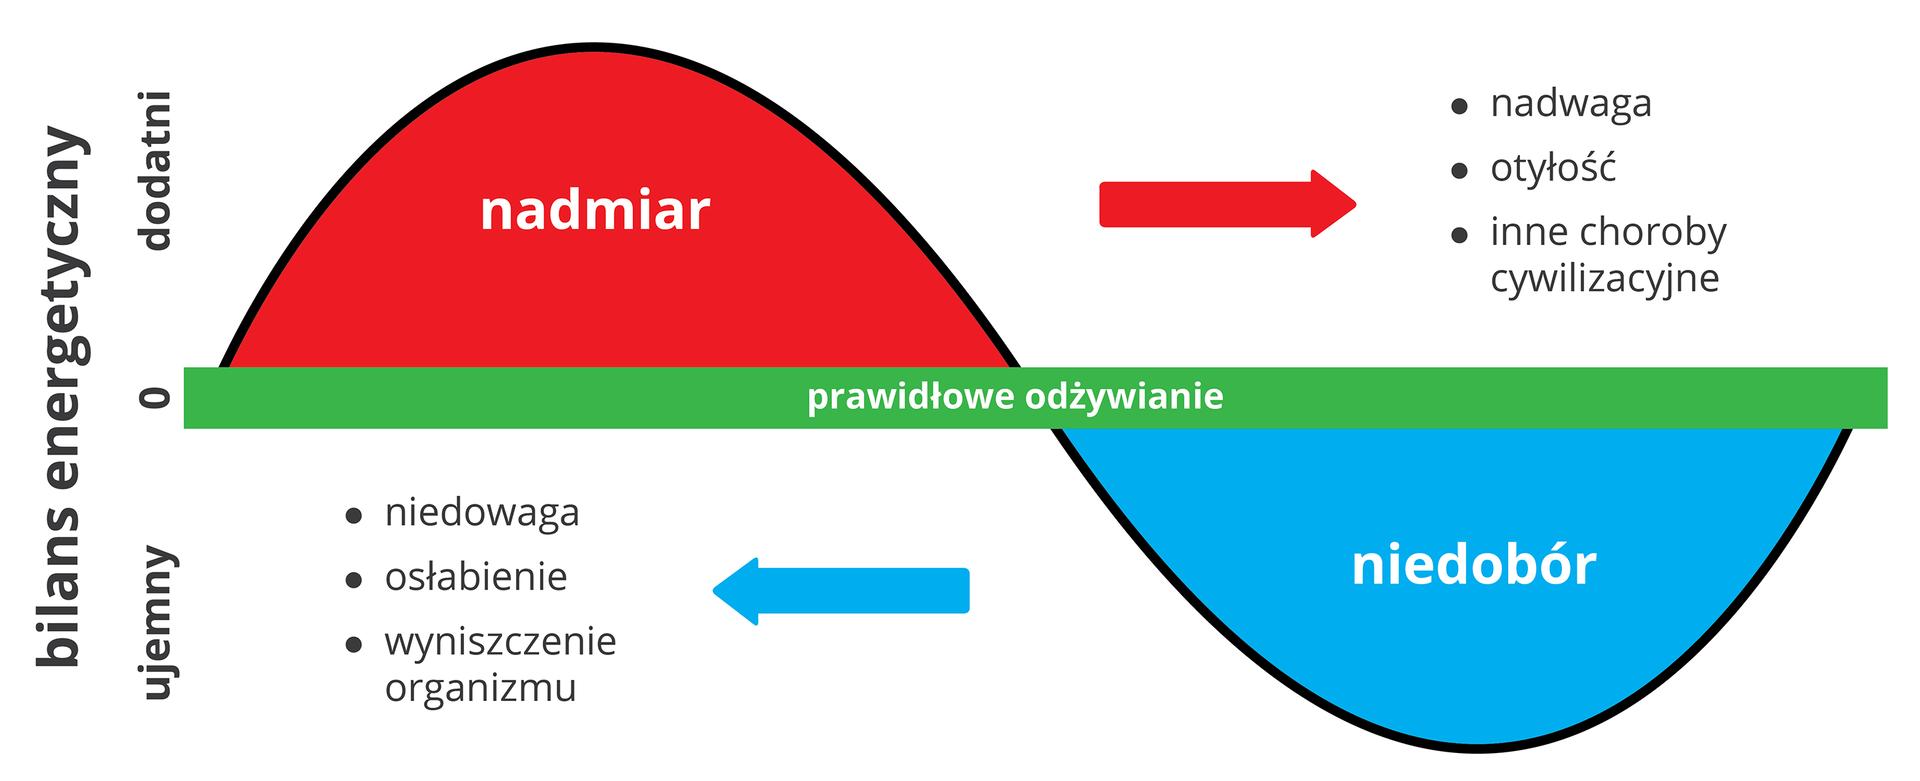 Ilustracja przedstawia bilans energetyczny człowieka. Zielona pozioma belka wśrodku schematu oznacza prawidłowe odżywianie. Zlewej pionowo opis: bilans energetyczny dodatni. Czerwone półkole ma napis: nadmiar. Strzałka wprawo wskazuje skutki przejadania się: nadwagę, otyłość, inne choroby cywilizacyjne. Udołu błękitne półkole znapisem: niedobór. Strzałka wlewo wskazuje skutki: niedowaga, osłabienie, wyniszczenie organizmu. Zlewej pionowo opis: bilans energetyczny ujemny.